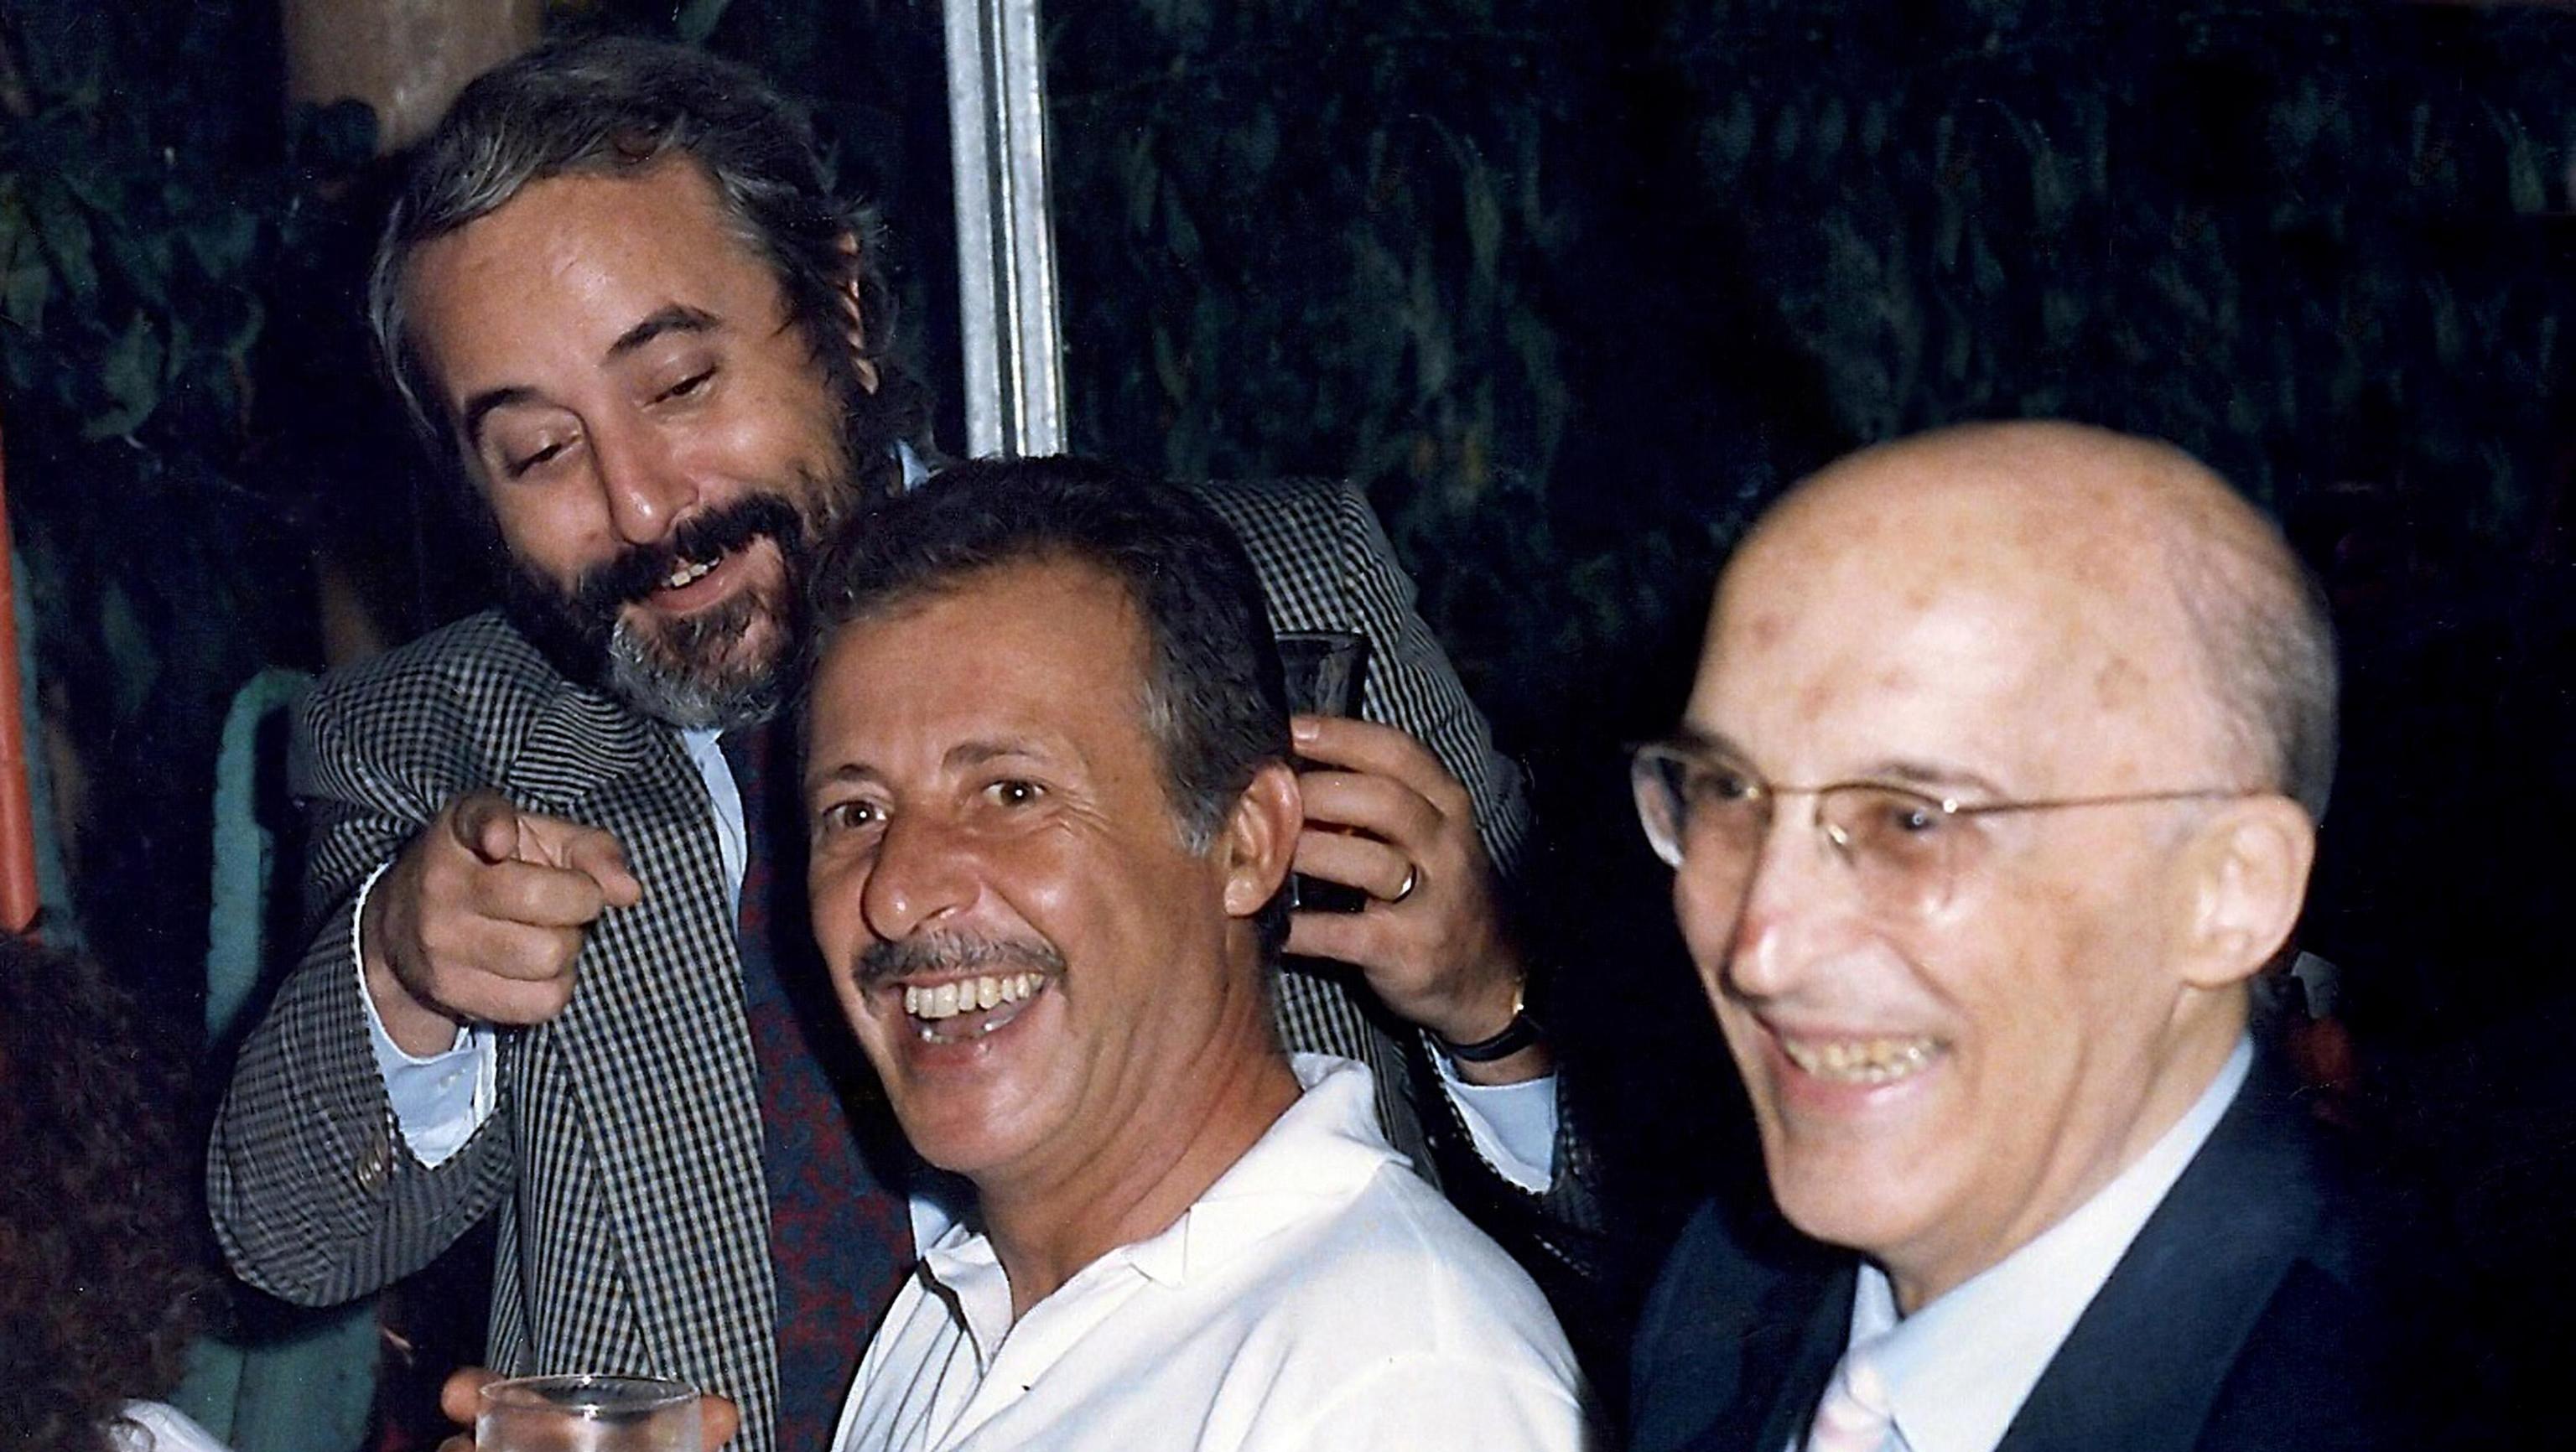 G. Falcone, P. Borsellino, A. Caponnetto